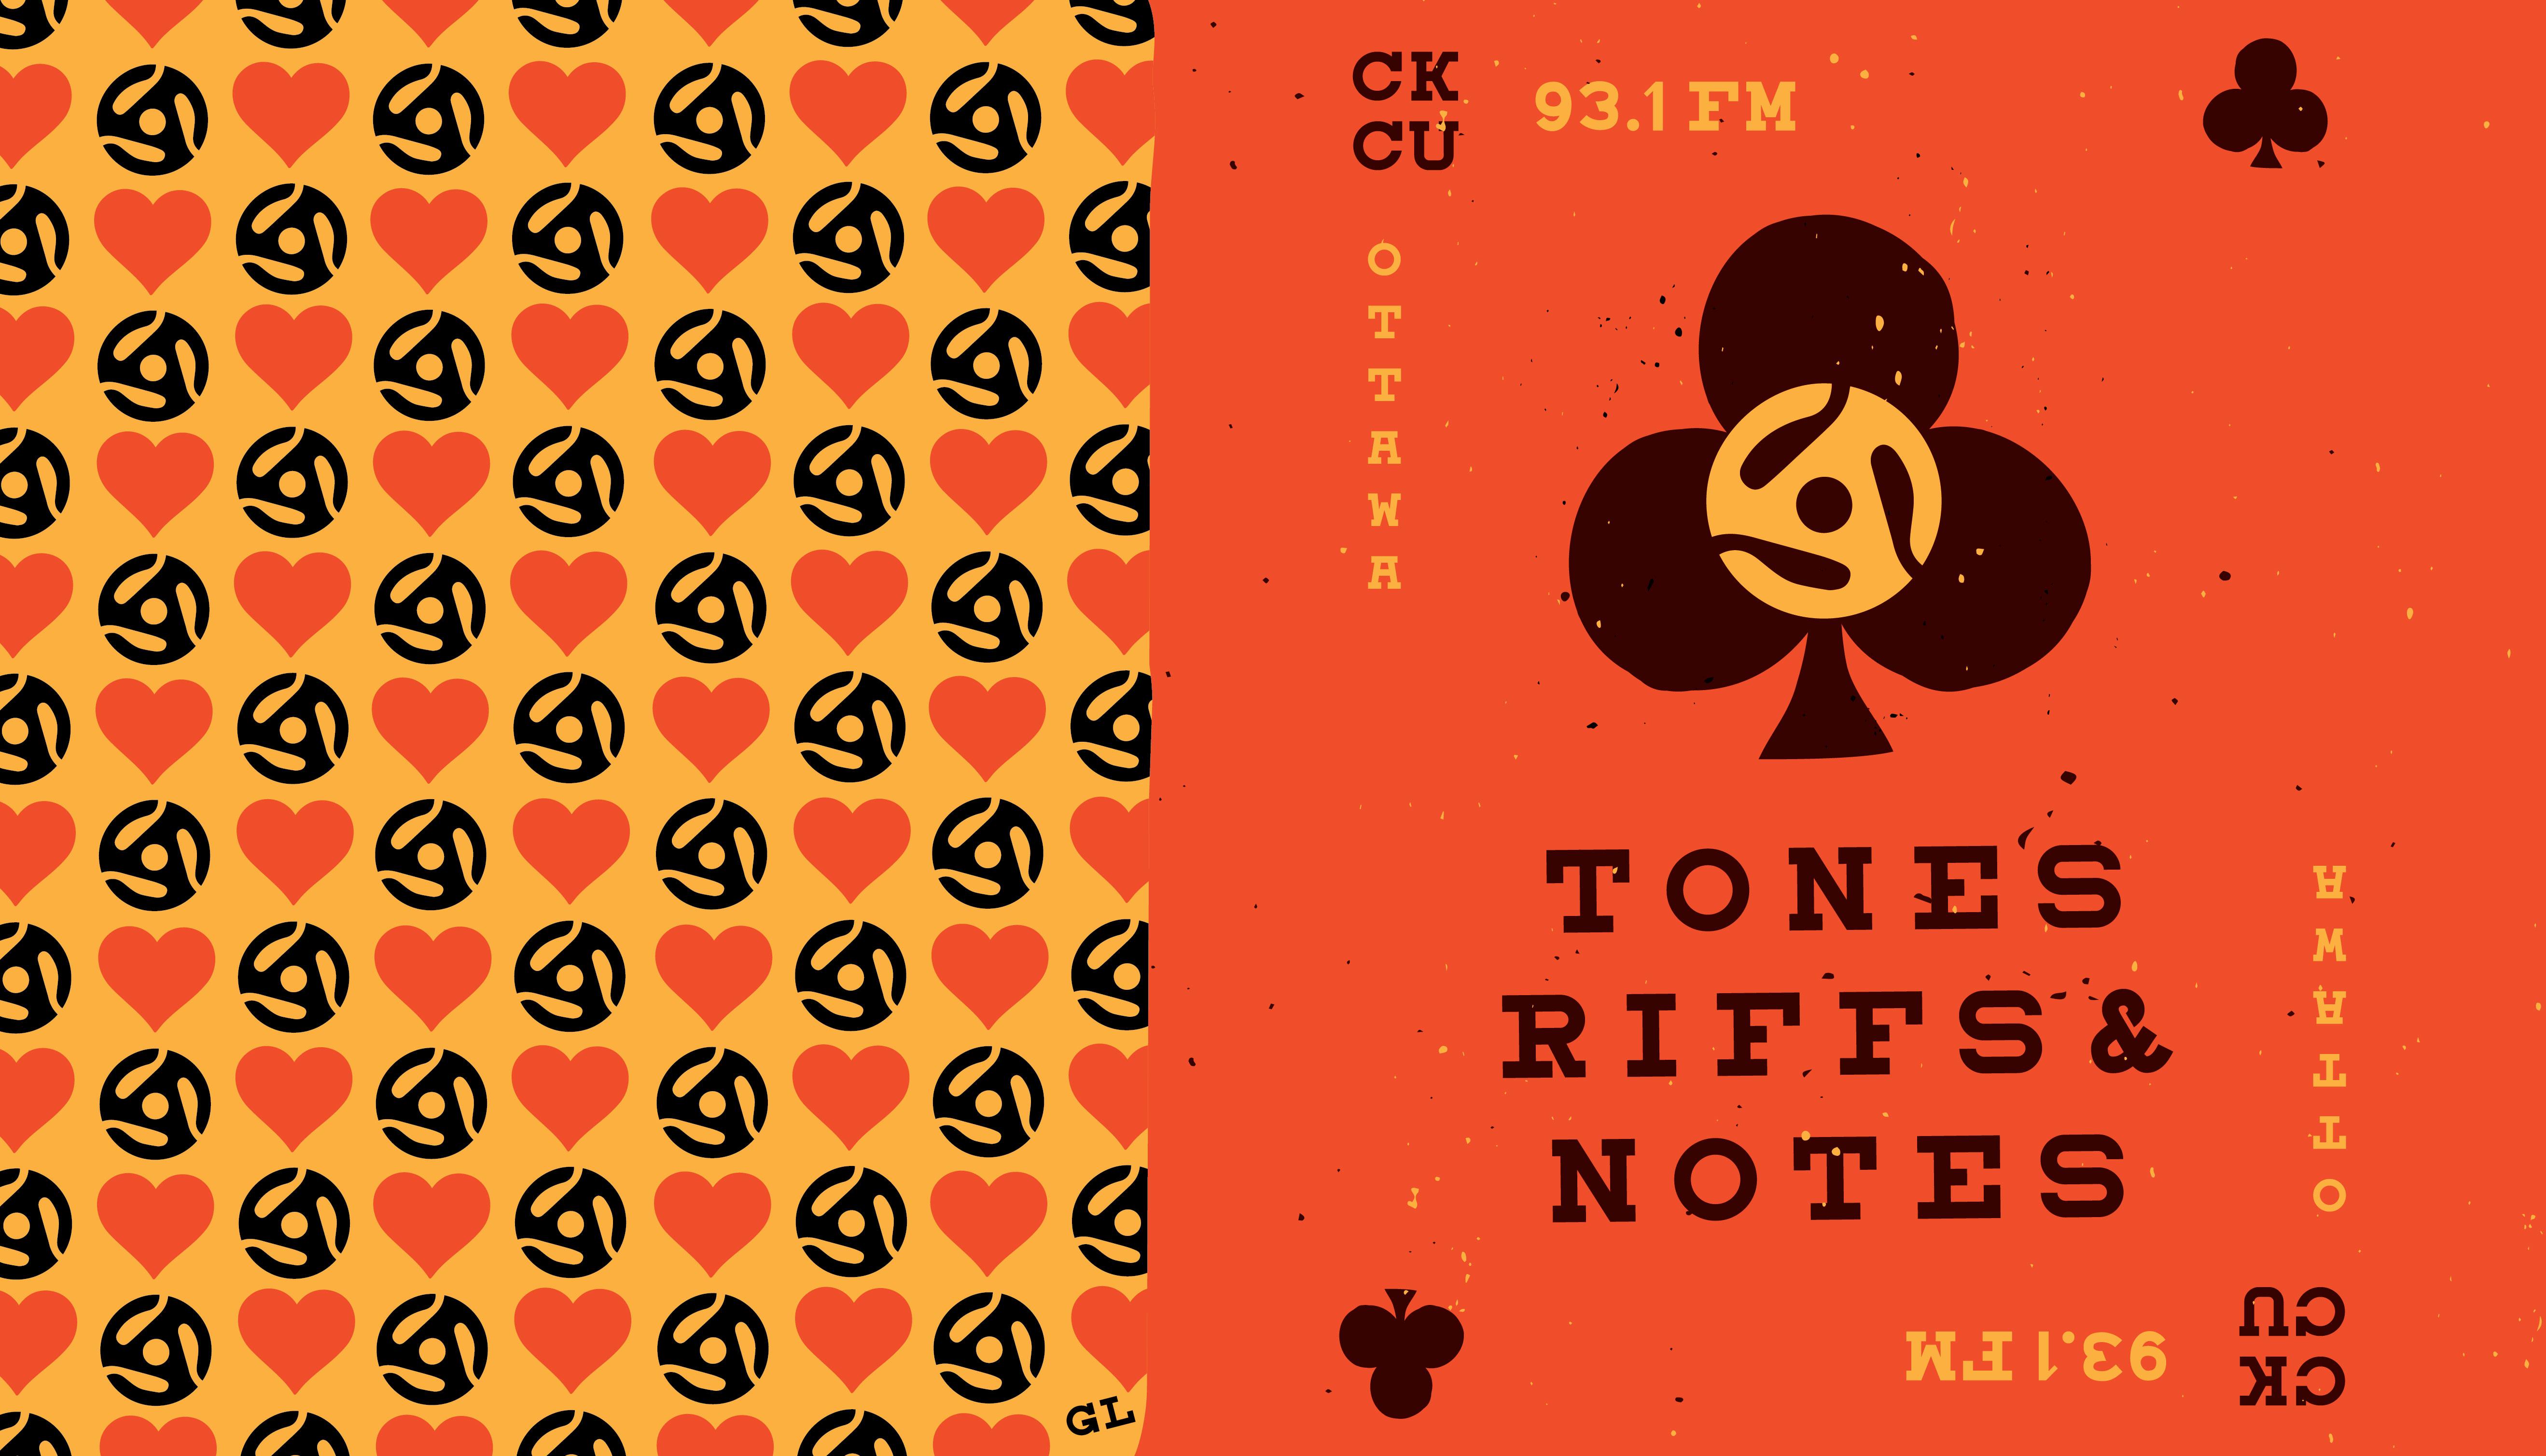 Tones Riffs & Notes